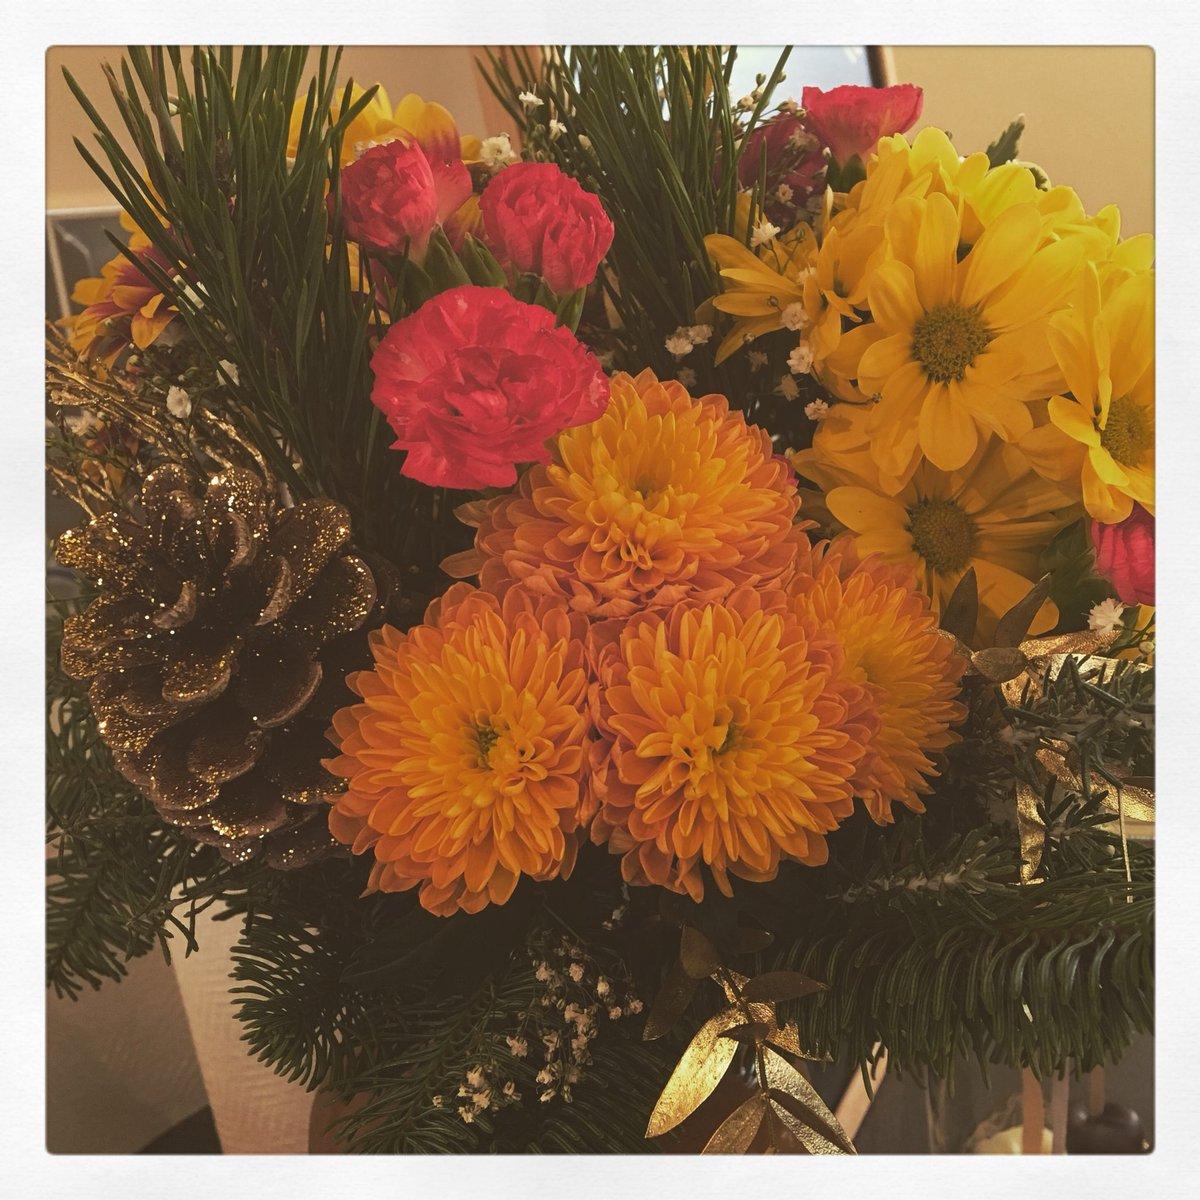 Festival Coffee On Twitter Festive Flowers Tomorrow We Will